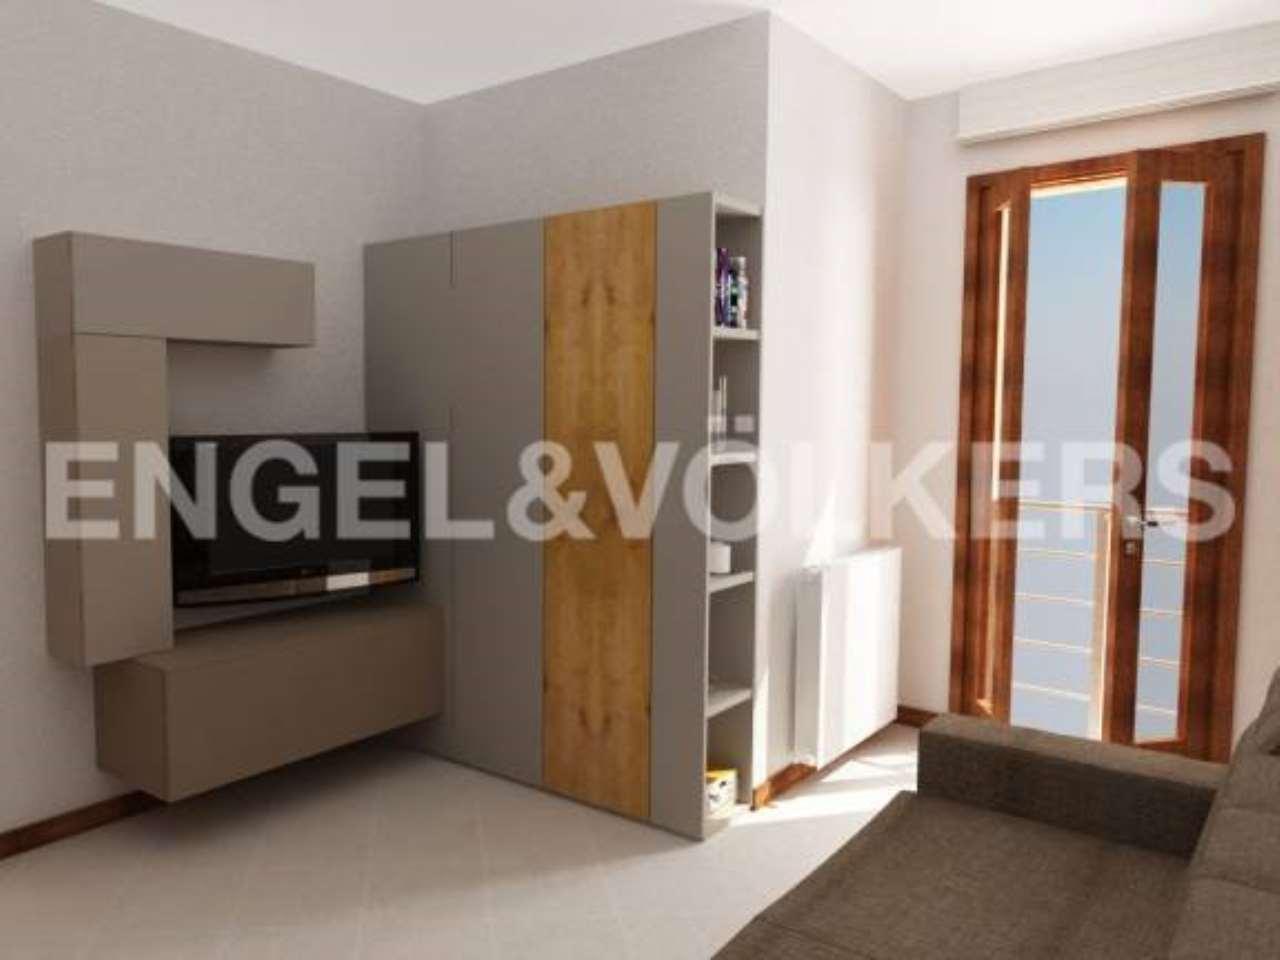 Appartamento in vendita a Polesella, 6 locali, prezzo € 49.000 | CambioCasa.it